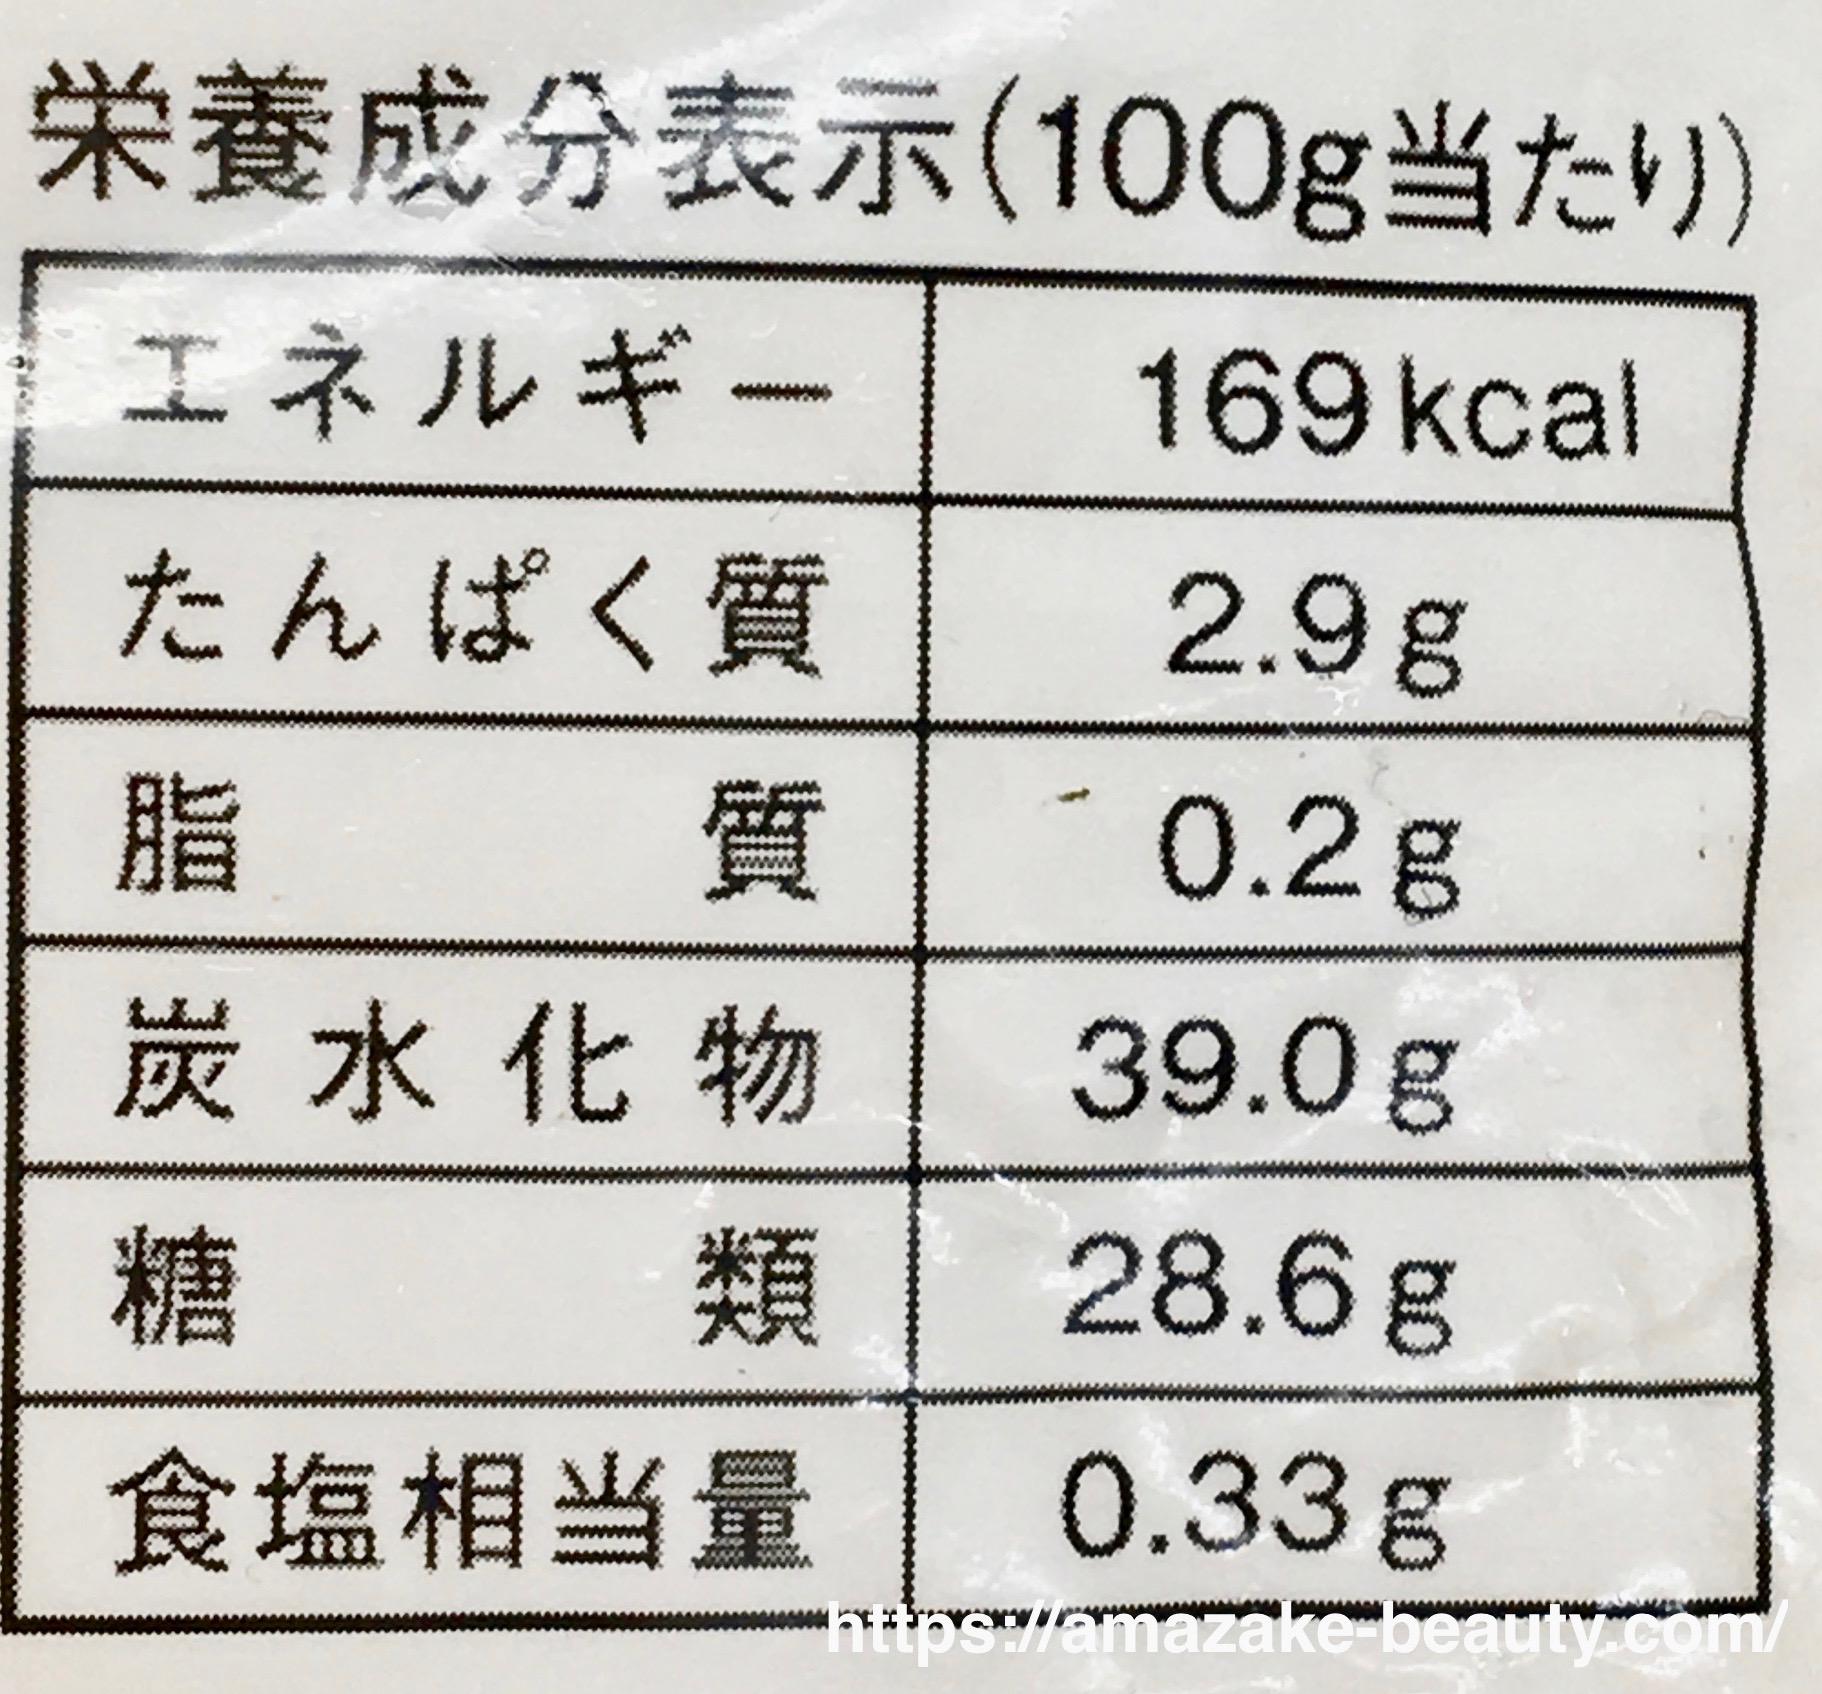 【甘酒】伊豆フェルメンテ『金太君 純あま酒』(栄養成分表示)